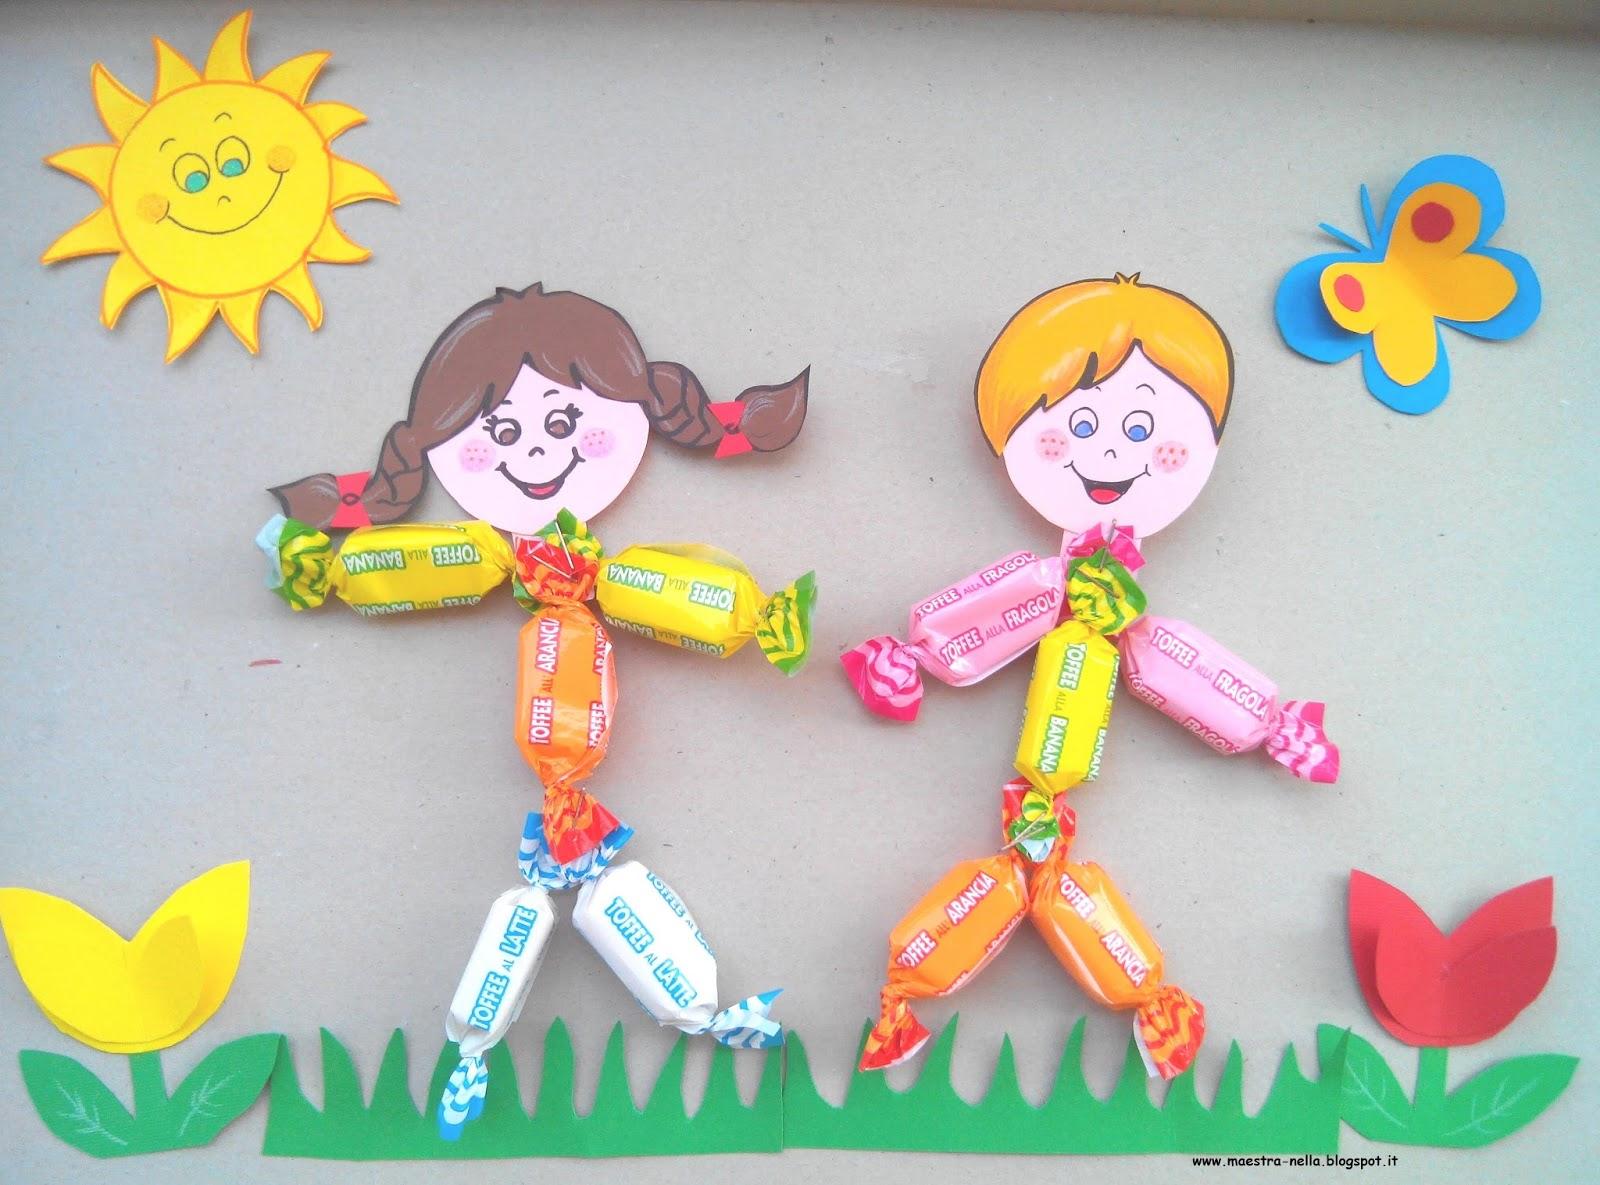 Maestra nella dolci bambini for Addobbi aula scuola primaria accoglienza